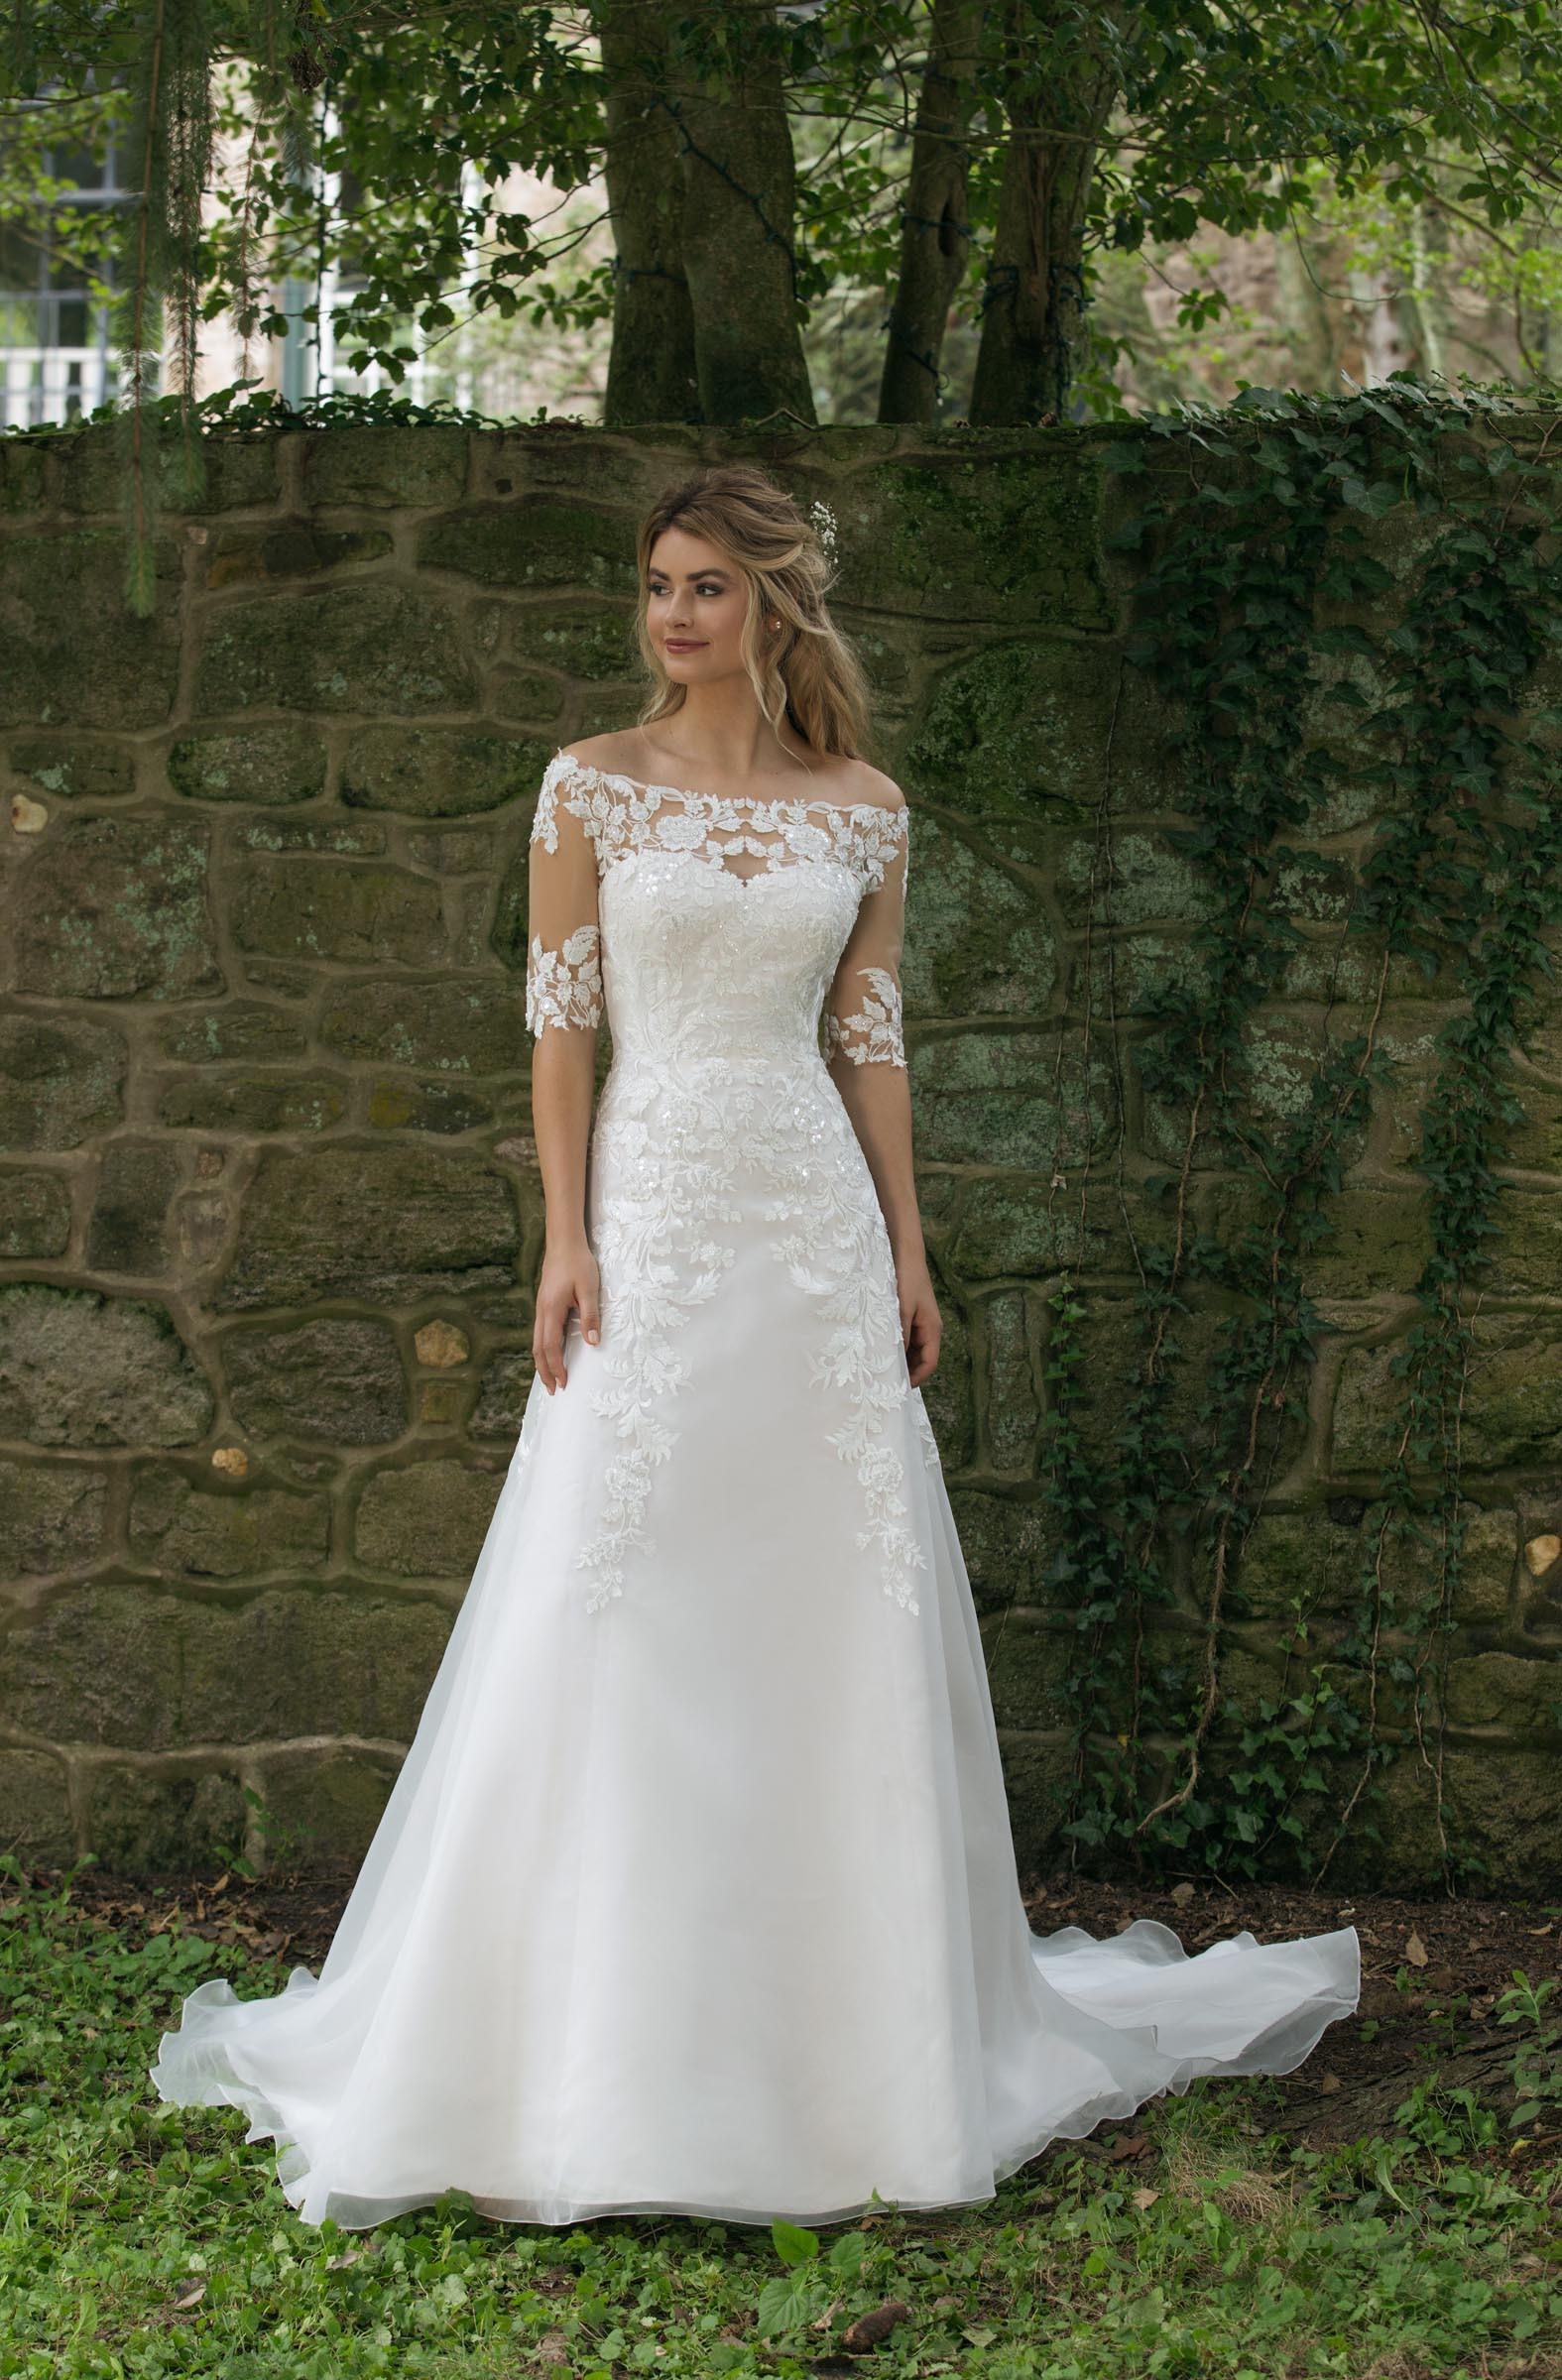 Brautkleider  Die schönsten Kleider & Trends 11 entdecken ❤